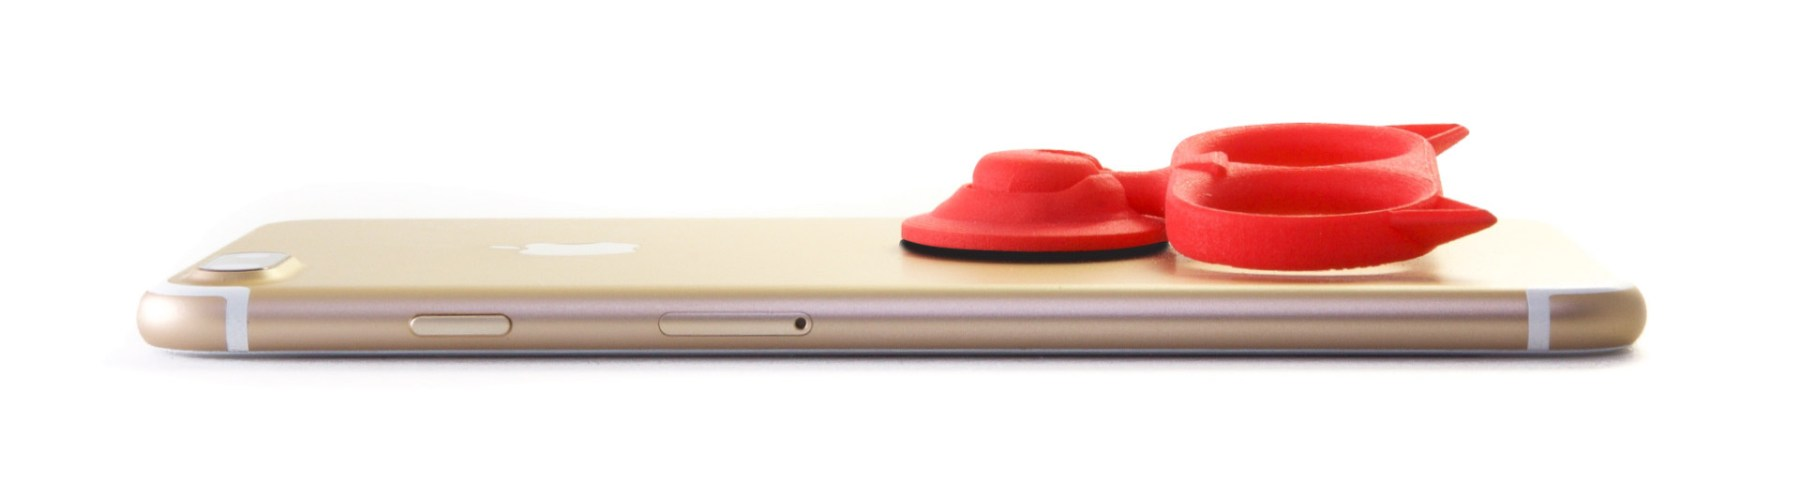 CAT-PHONE-STAND-FLAT-3